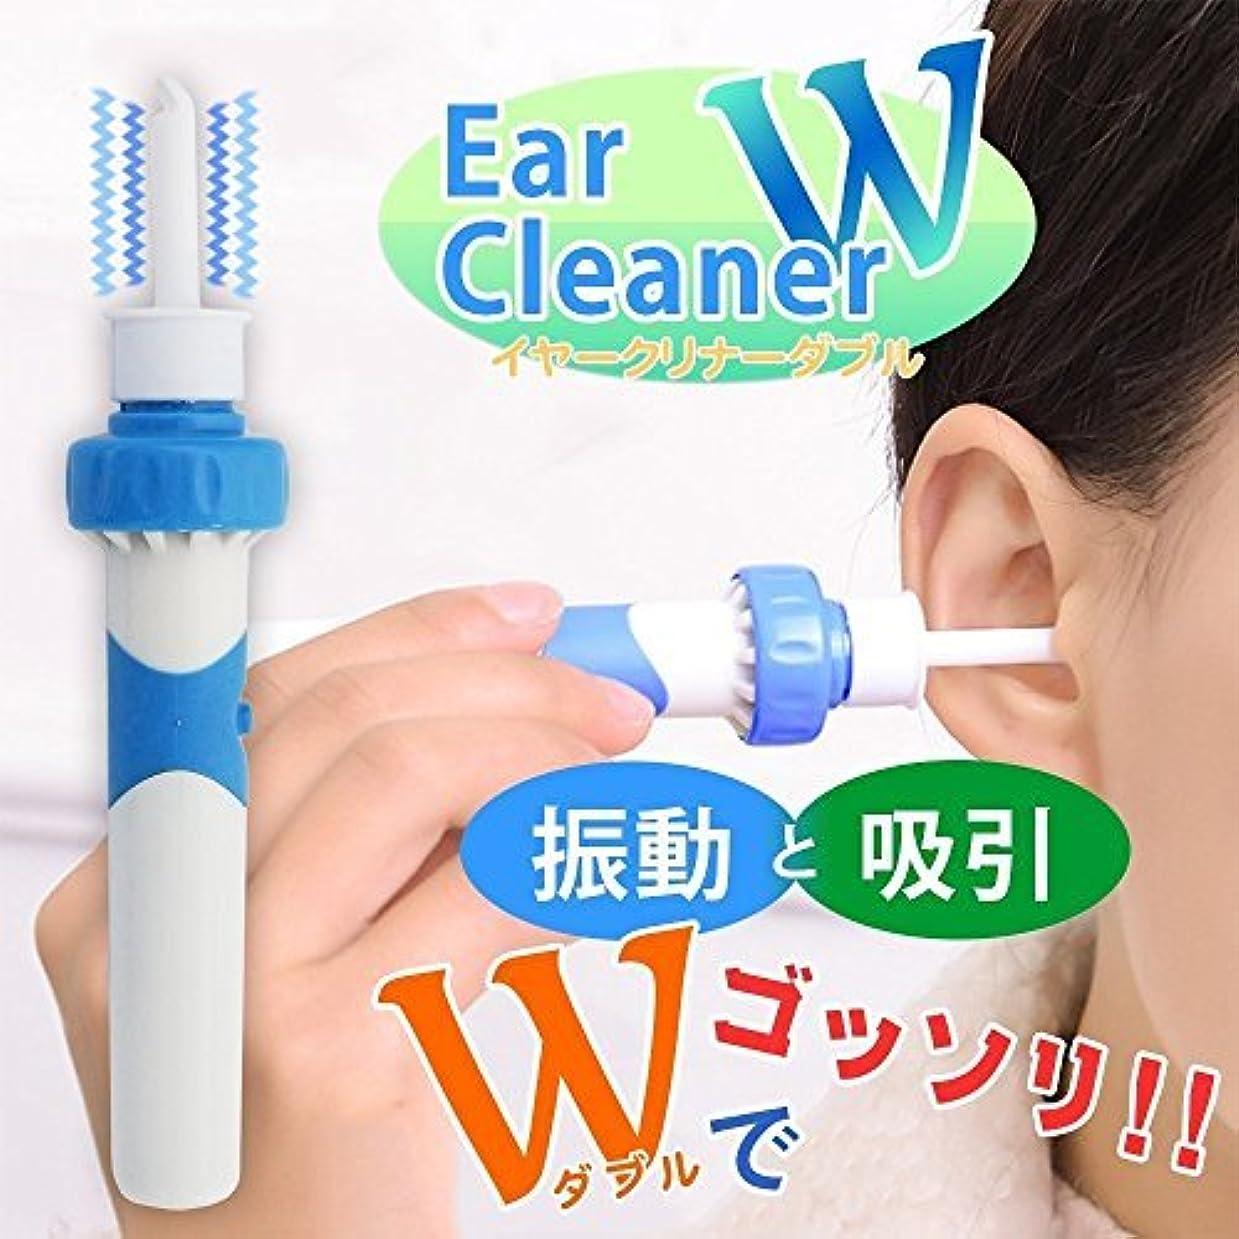 調和のとれた無限金曜日CHUI FEN 耳掃除機 電動耳掃除 耳クリーナー 耳掃除 みみそうじ 耳垢 吸引 耳あか吸引